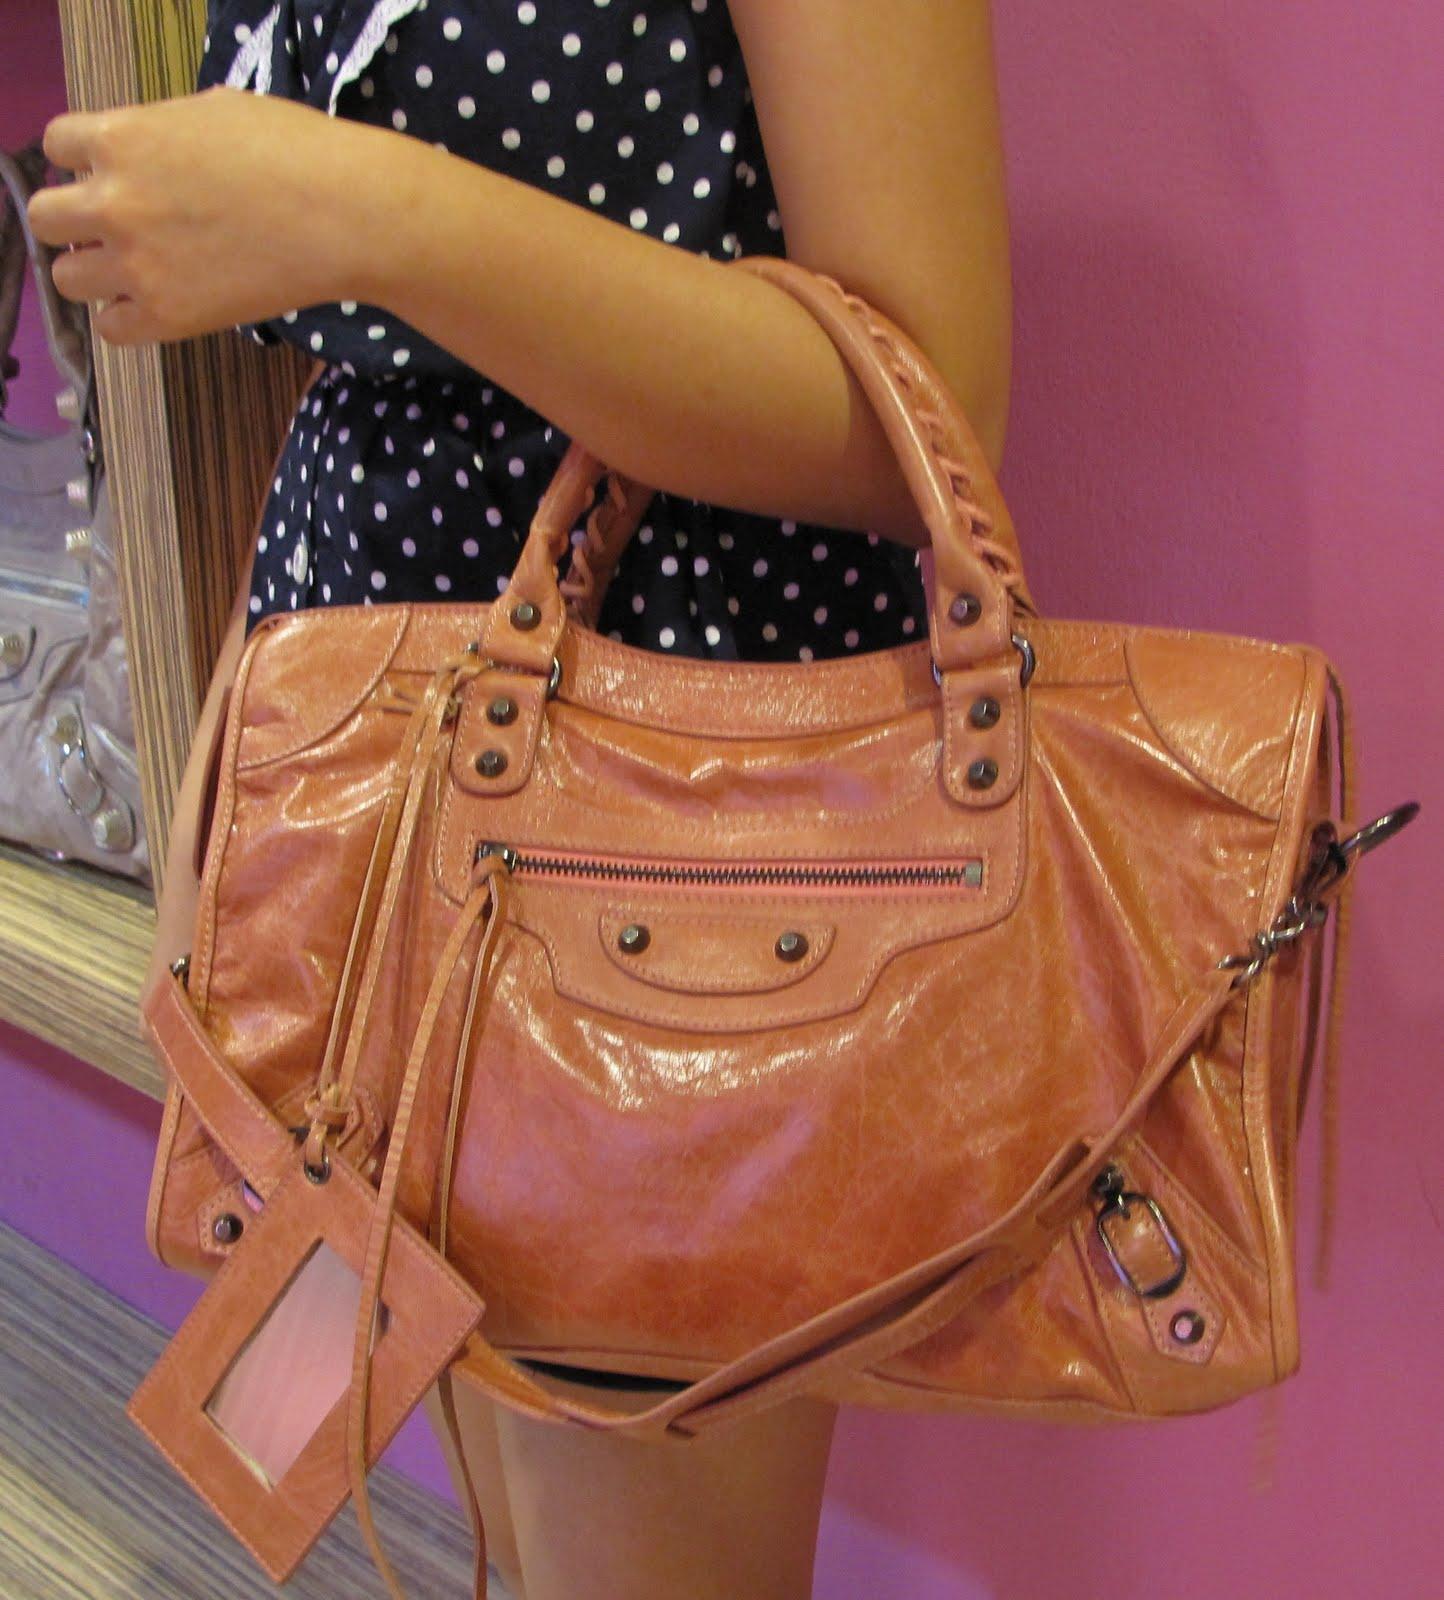 Luxe Bags Balenciaga Classic City